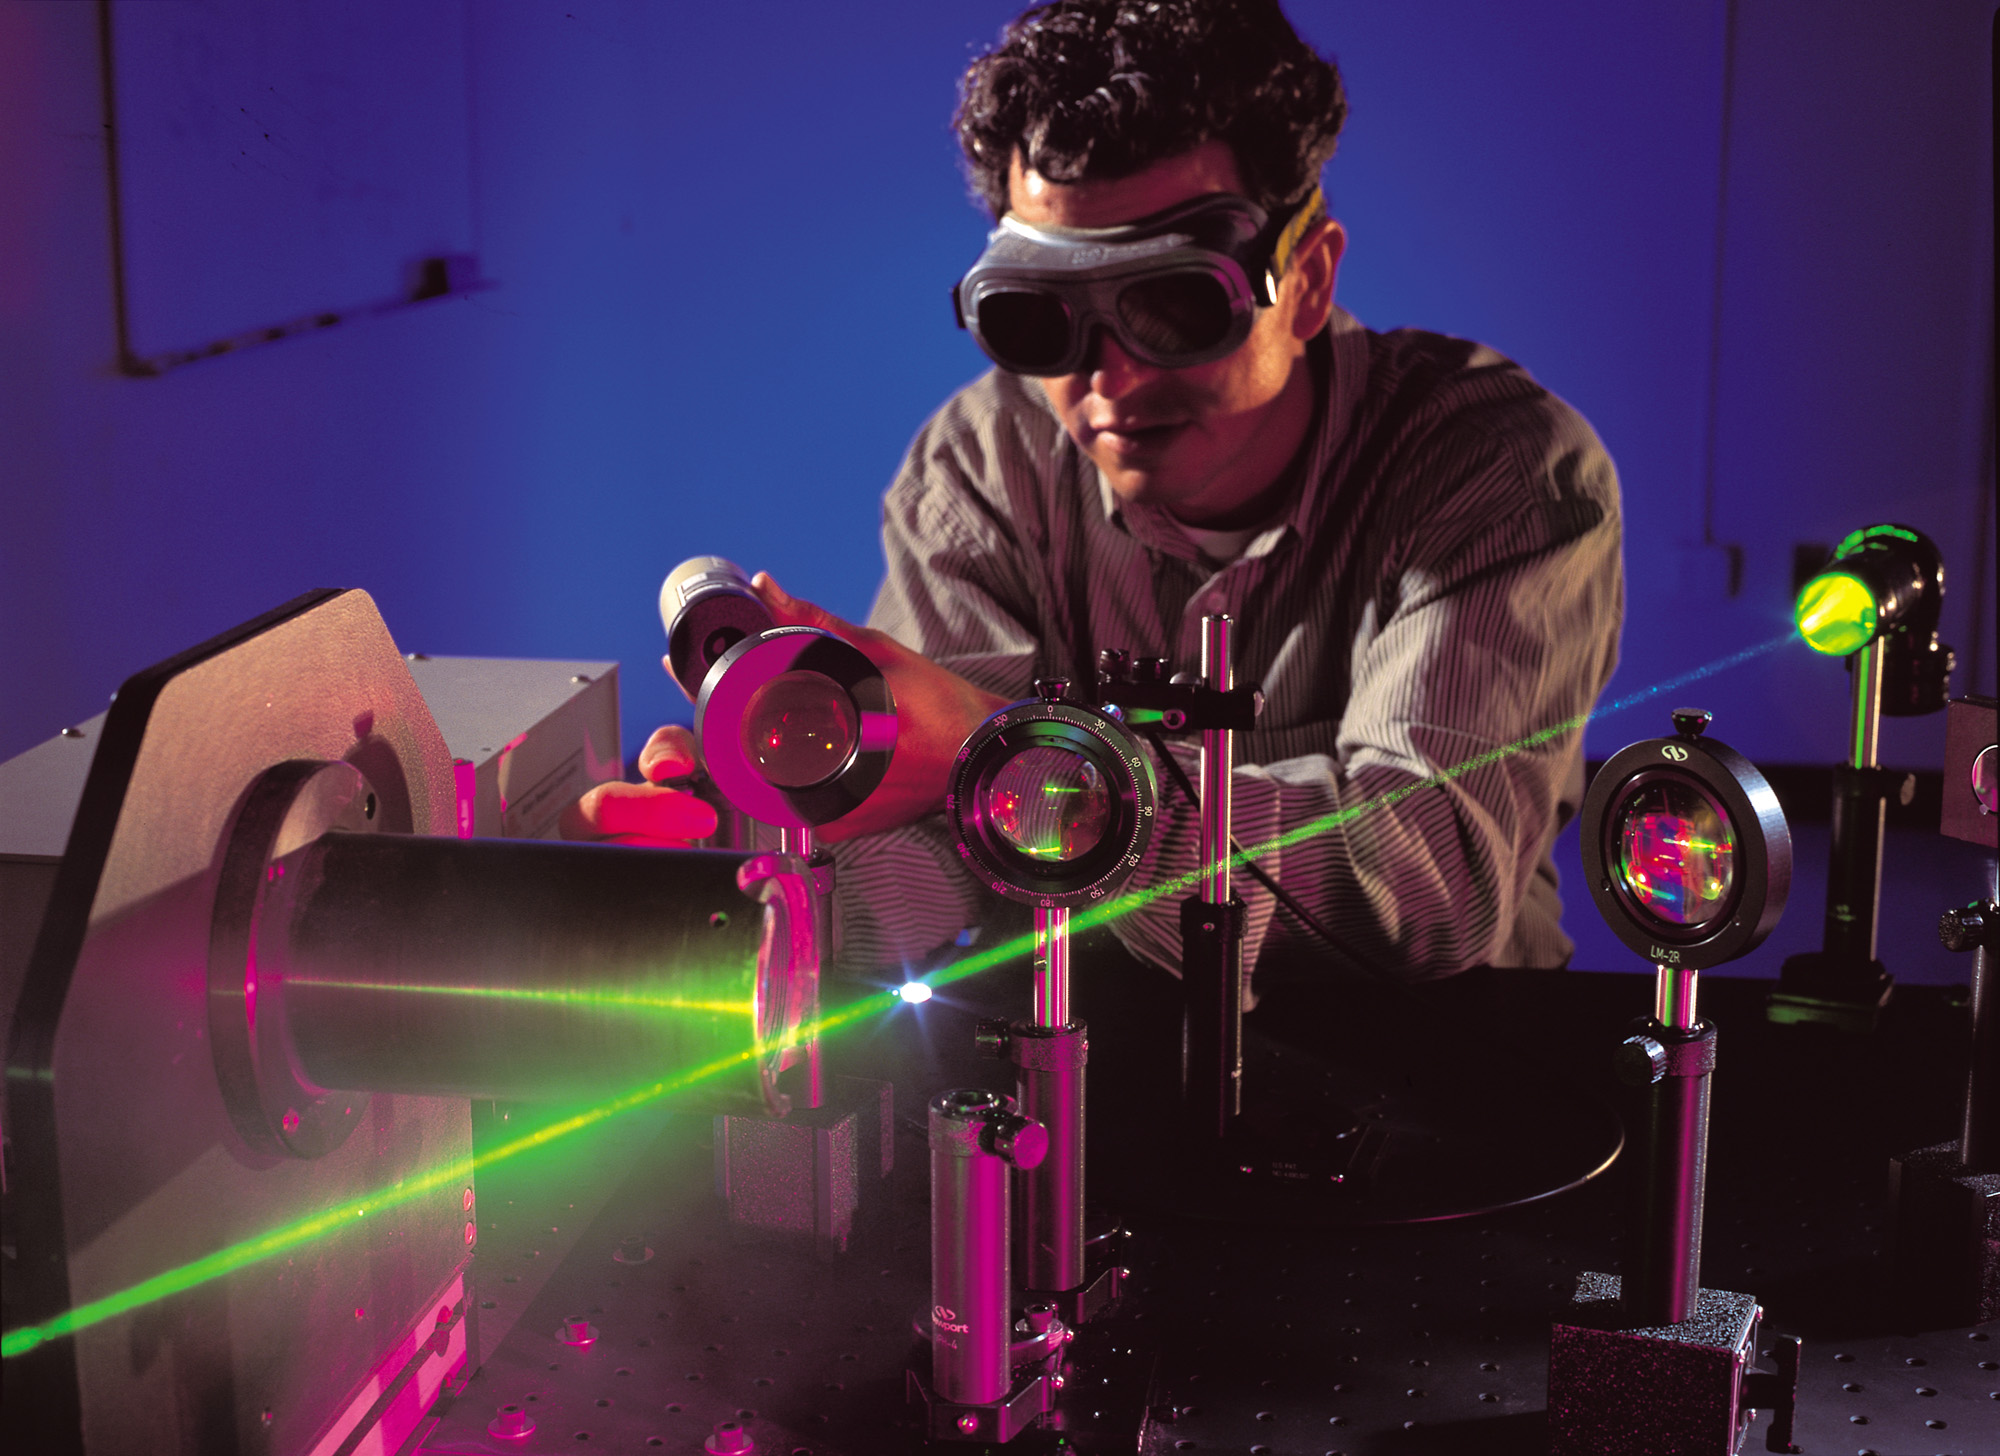 Vědci z Yale vytvořili téměř dokonalý antilaser